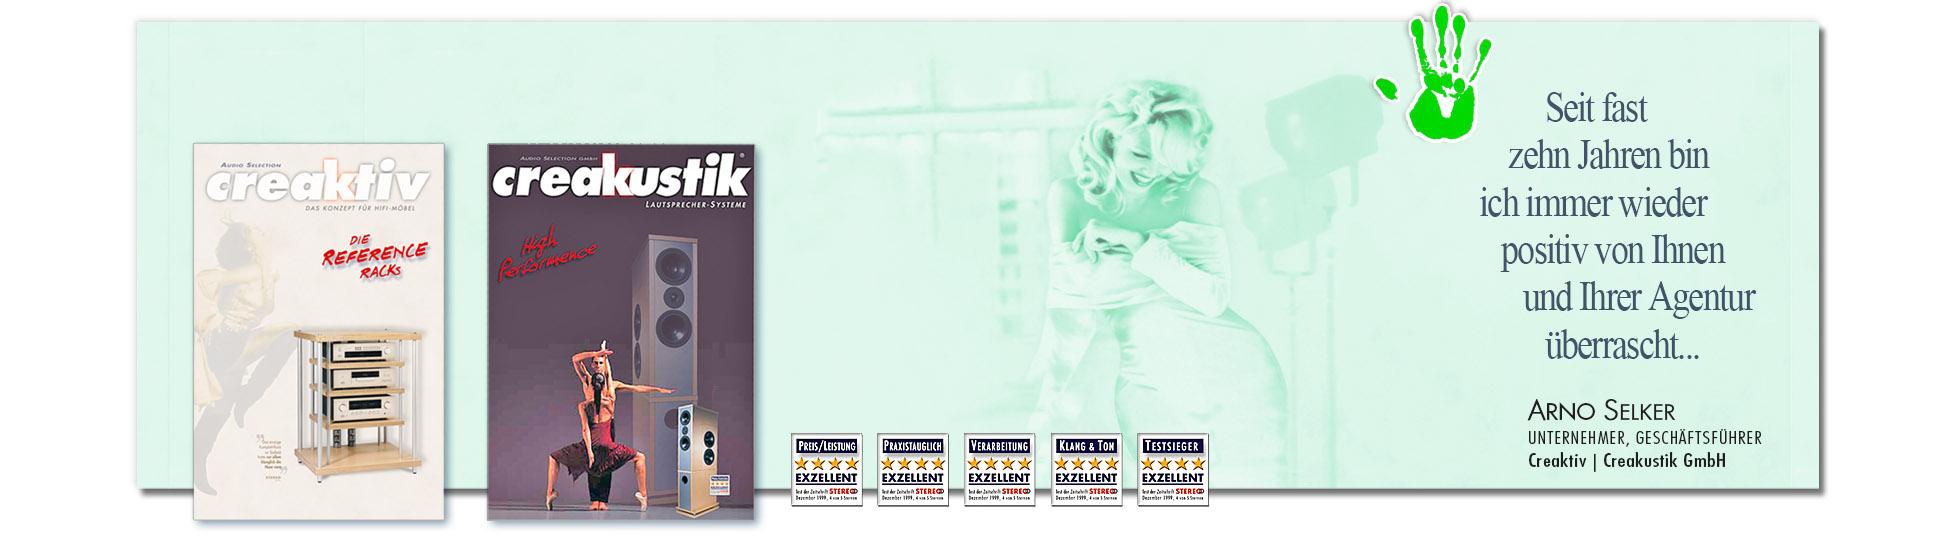 Zufriedener Kunde: CREAKTISTIK - CREAKTIV wegen erfolgreiche Kampagnen derSchoellmann & Sie ist Werbeagentur, Marketingagentur, Gender Marketing, Webdesign, Personal Marketing, Employer Branding